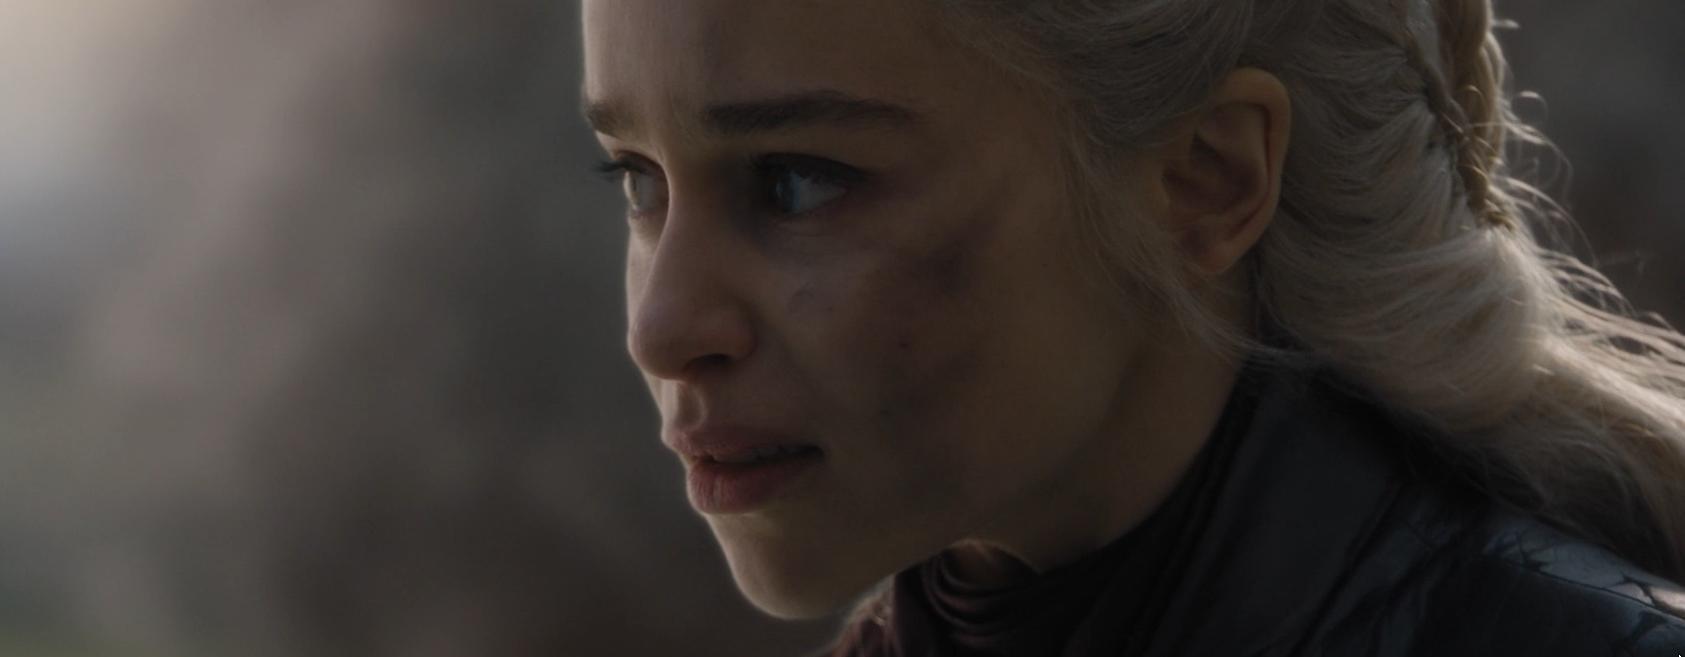 Líder, louca e fragilizada – quem vai parar Daenerys?